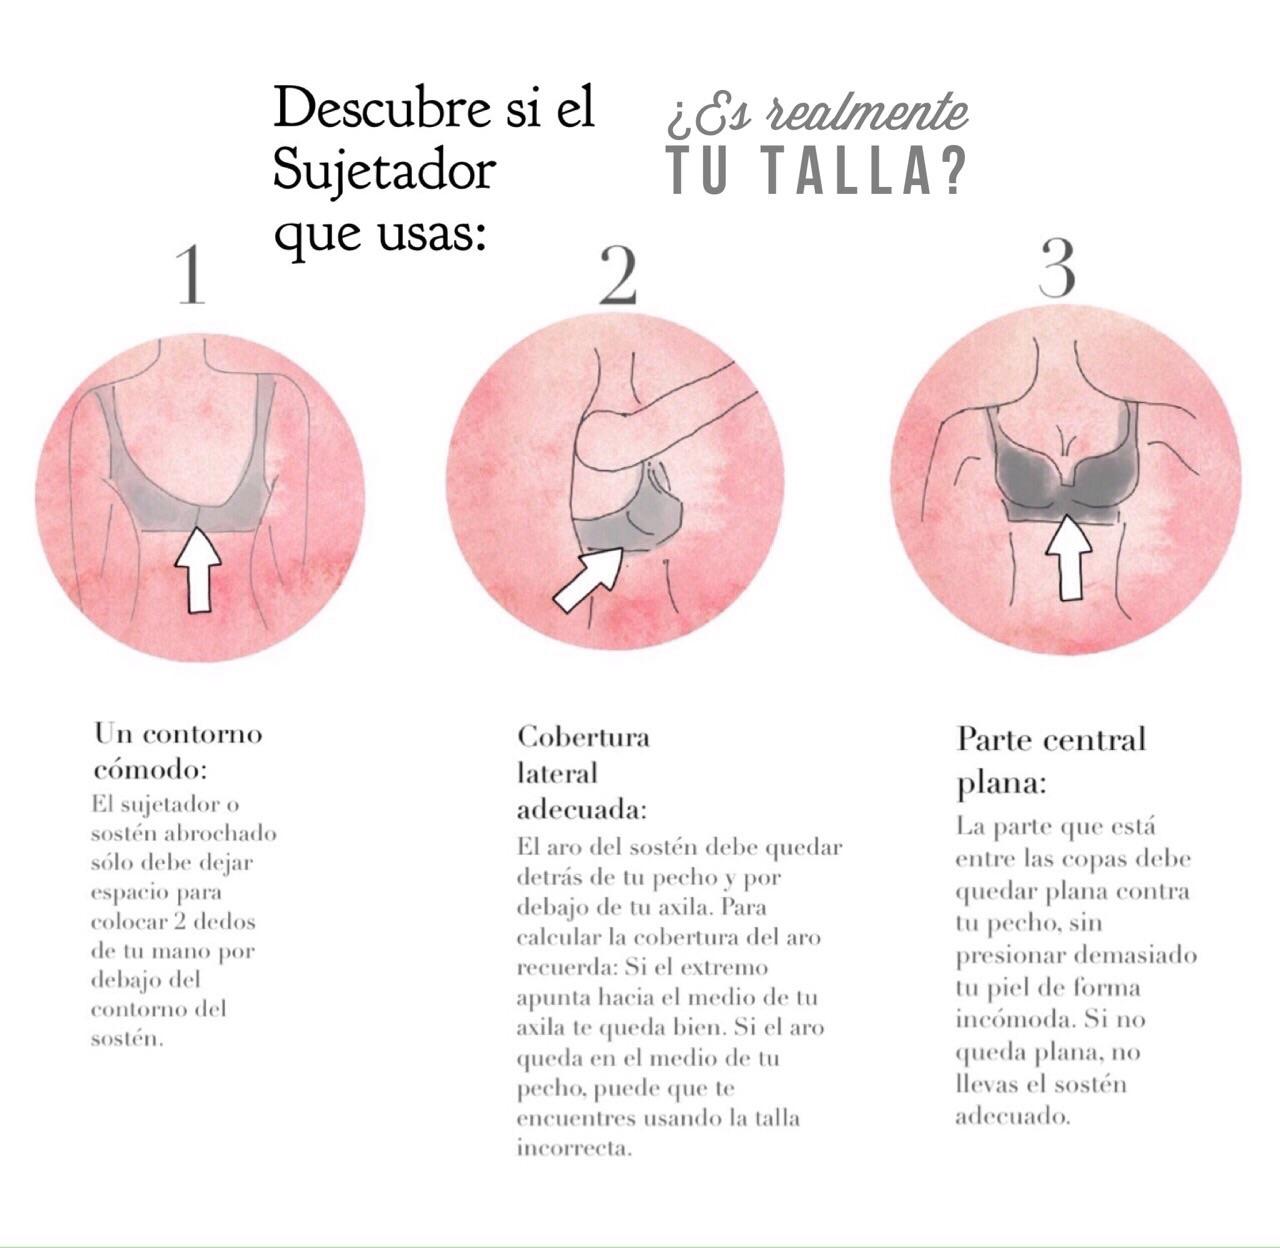 Tips para descubrir tu talla perfecta de sujetador